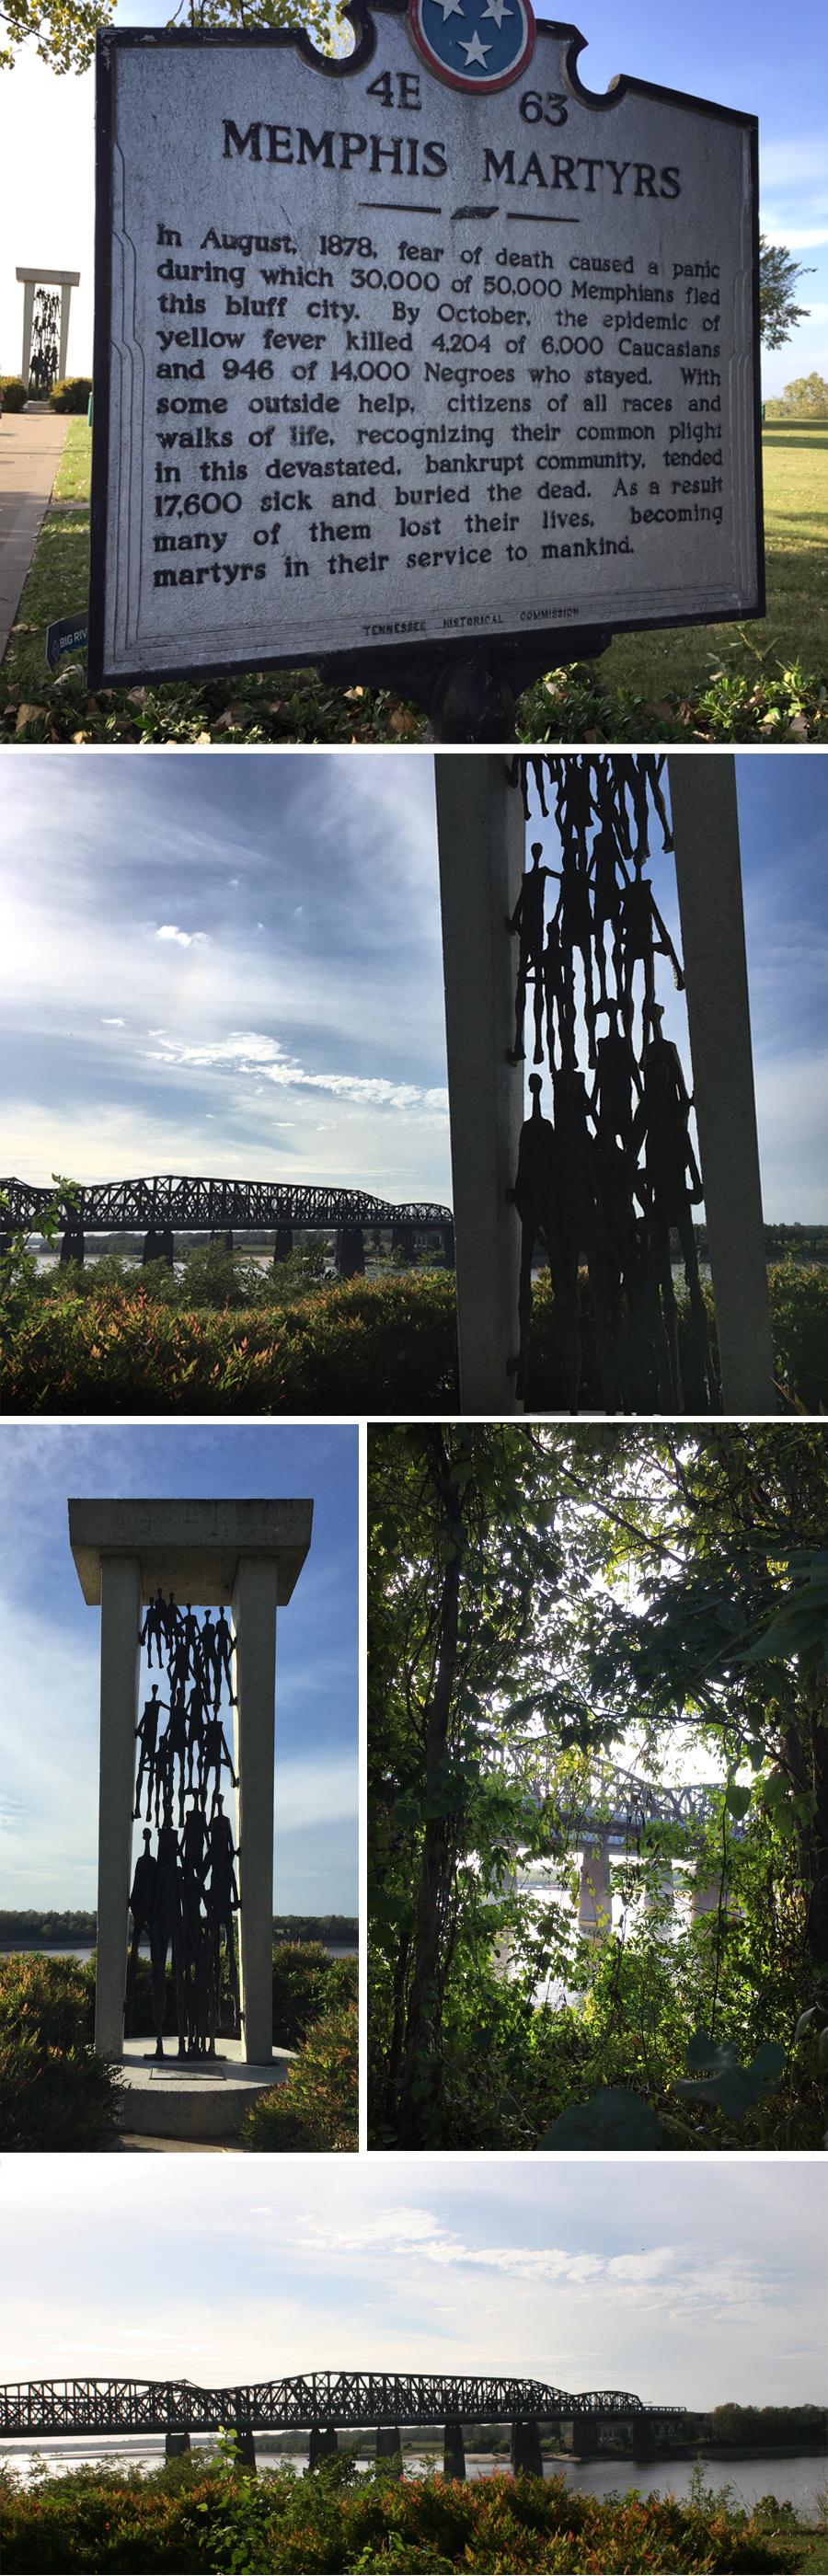 Memphis martyrs park